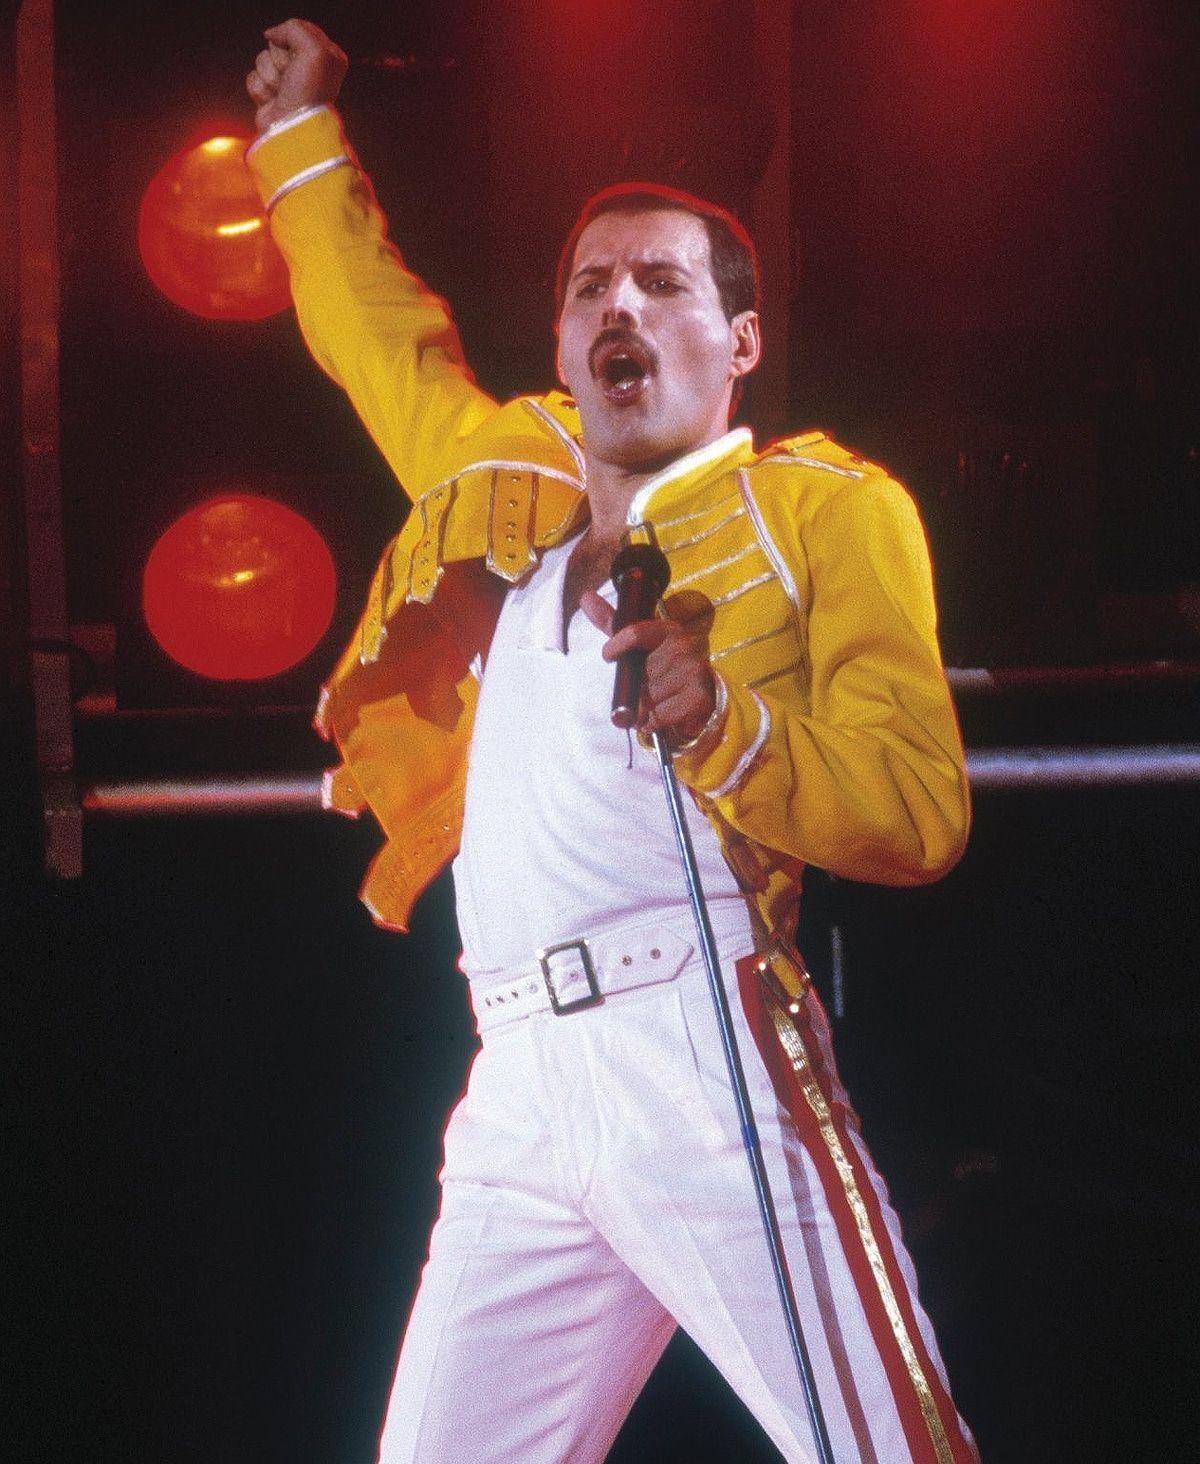 Mercury in München: Seine besten Jahre